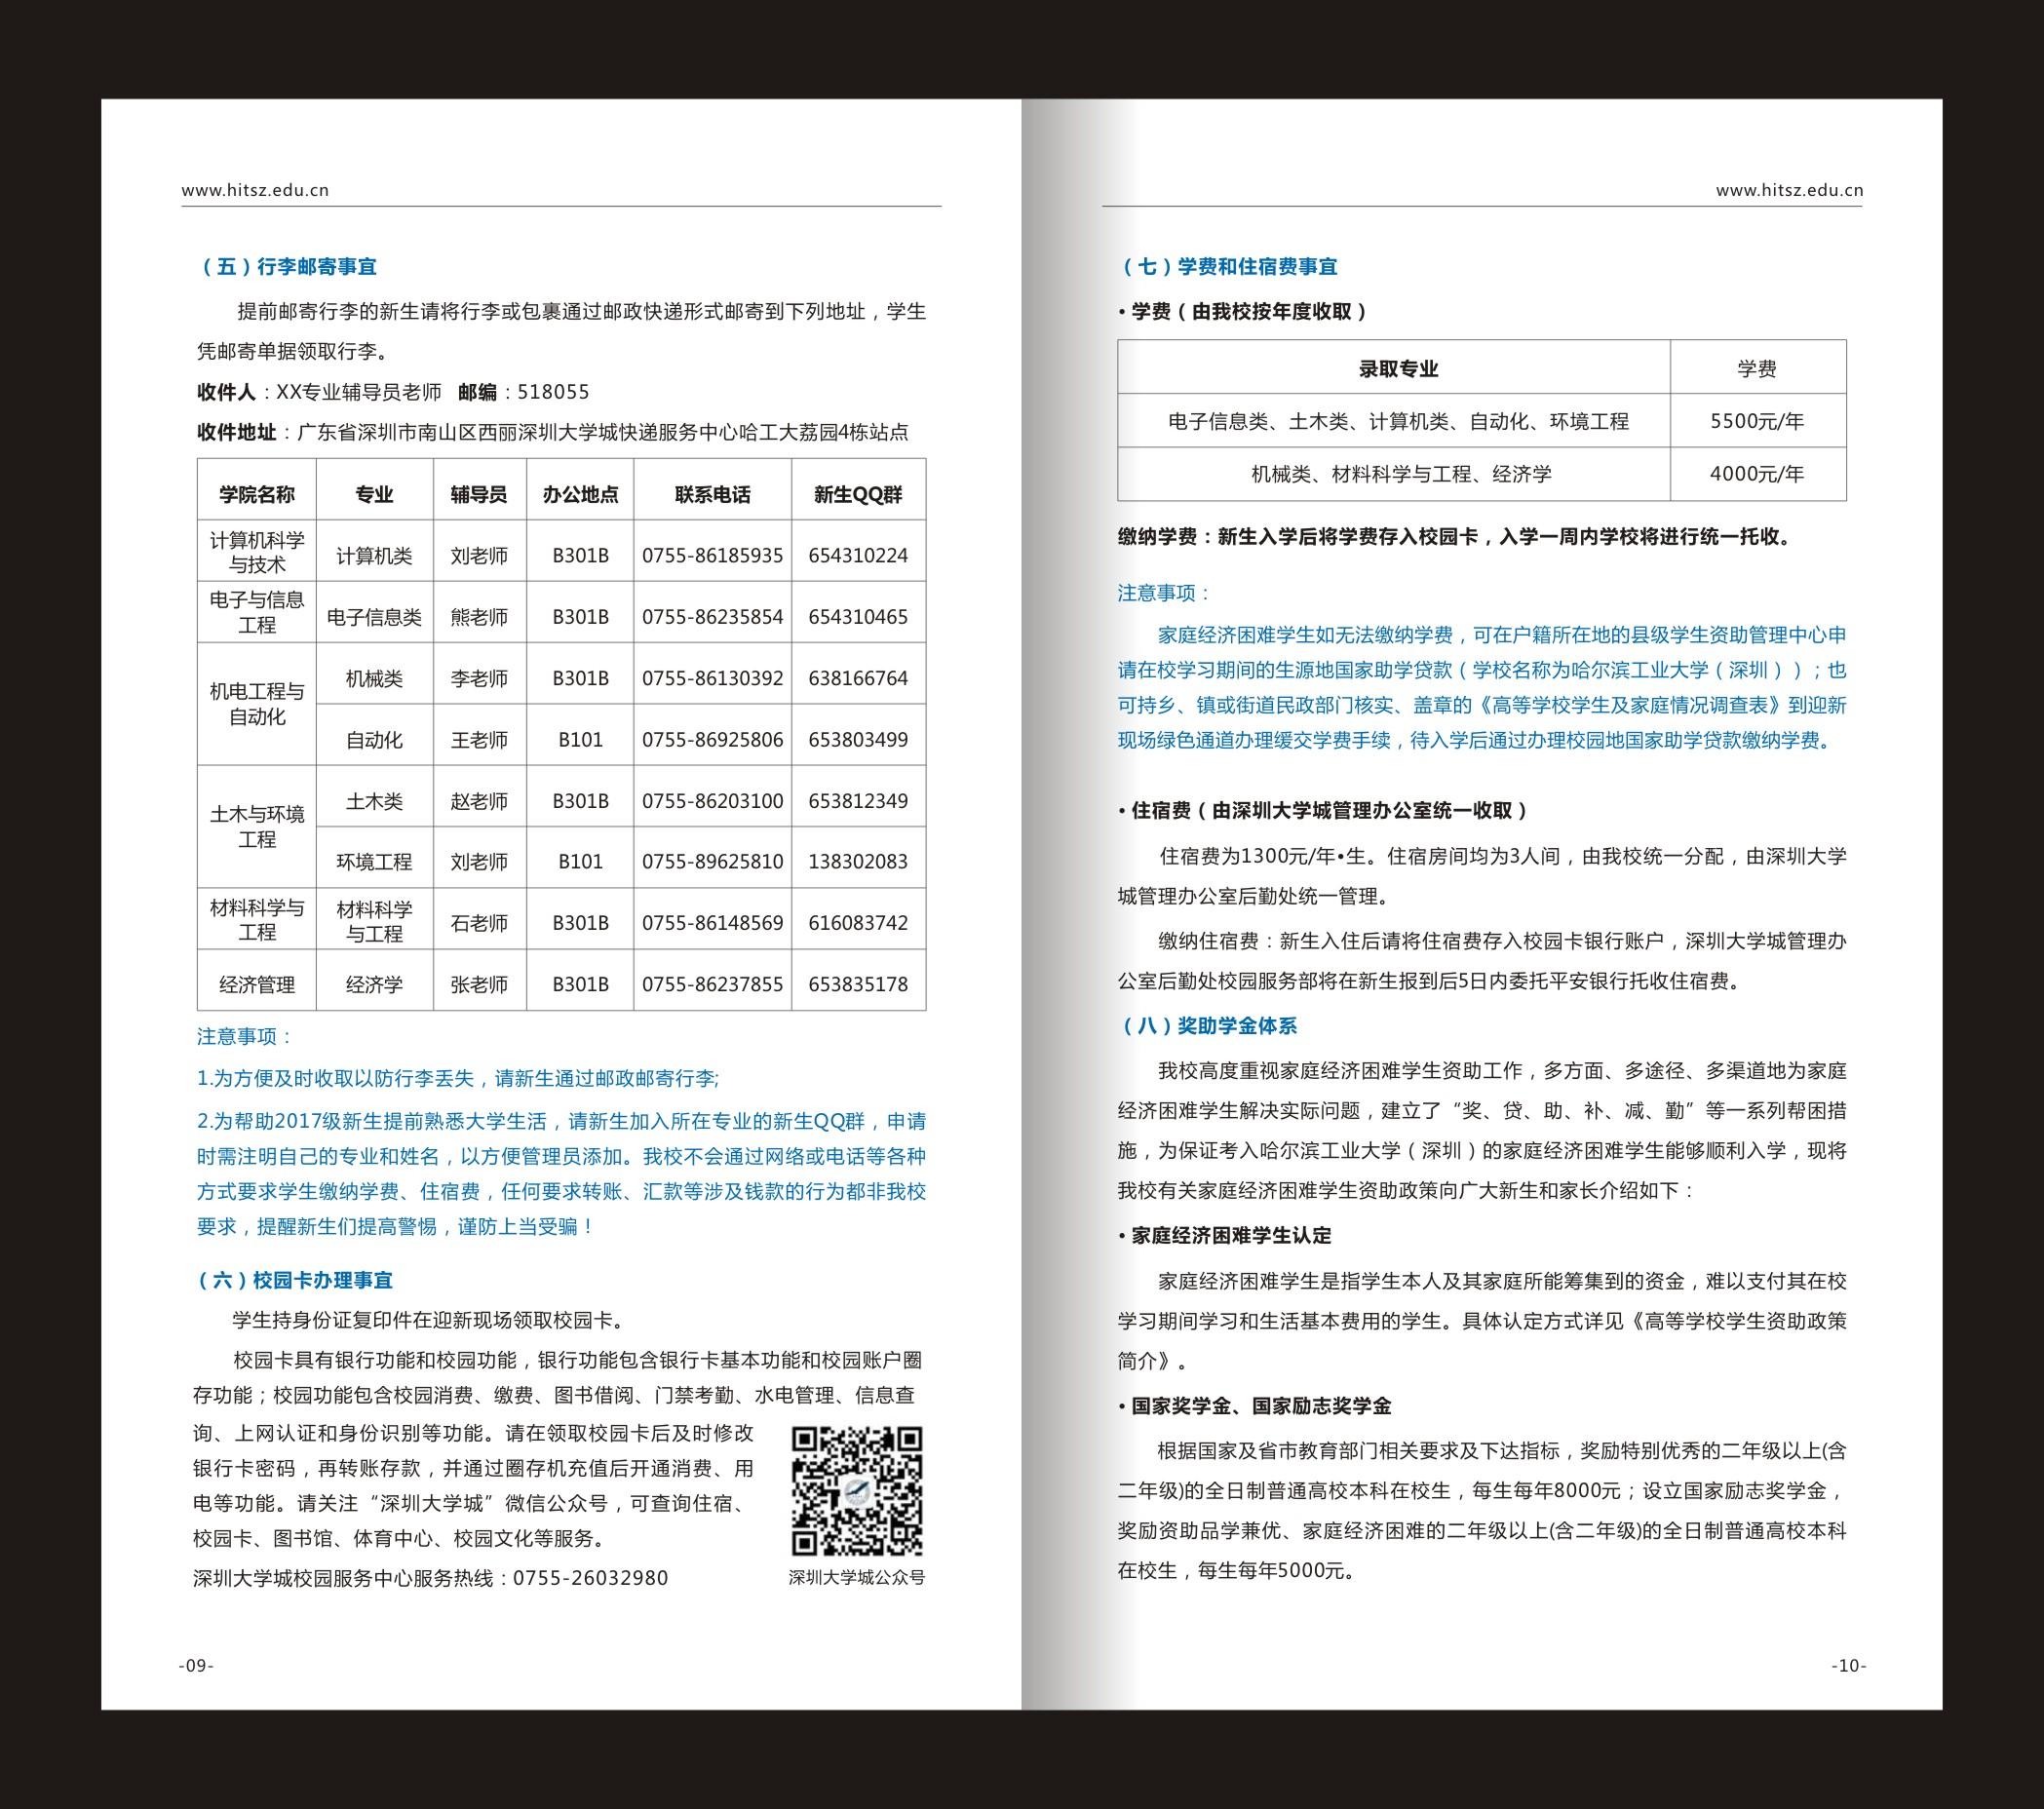 哈工大入学须知(蓝色)-07.jpg